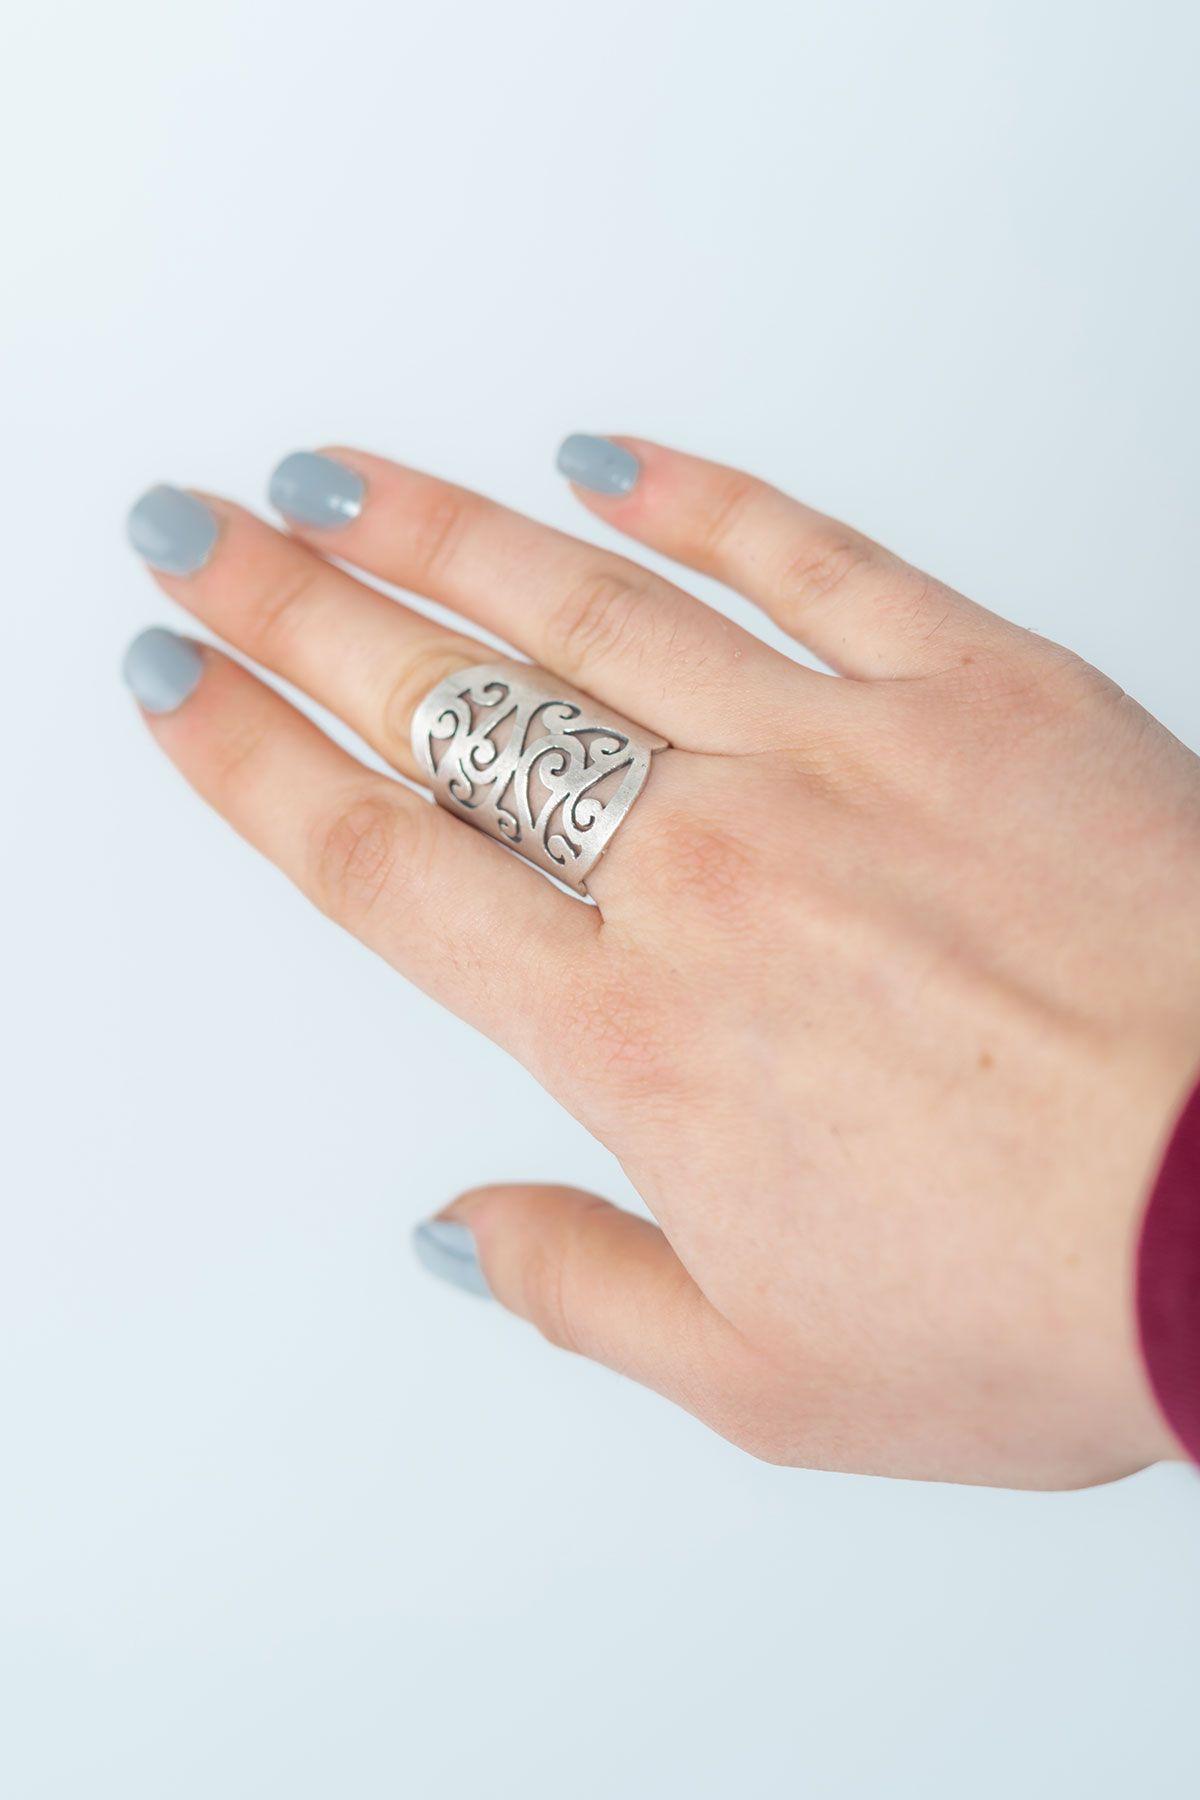 Pegia Deri Çantalı Vintage Tasarım Yüzük 19YZ04 Gümüş